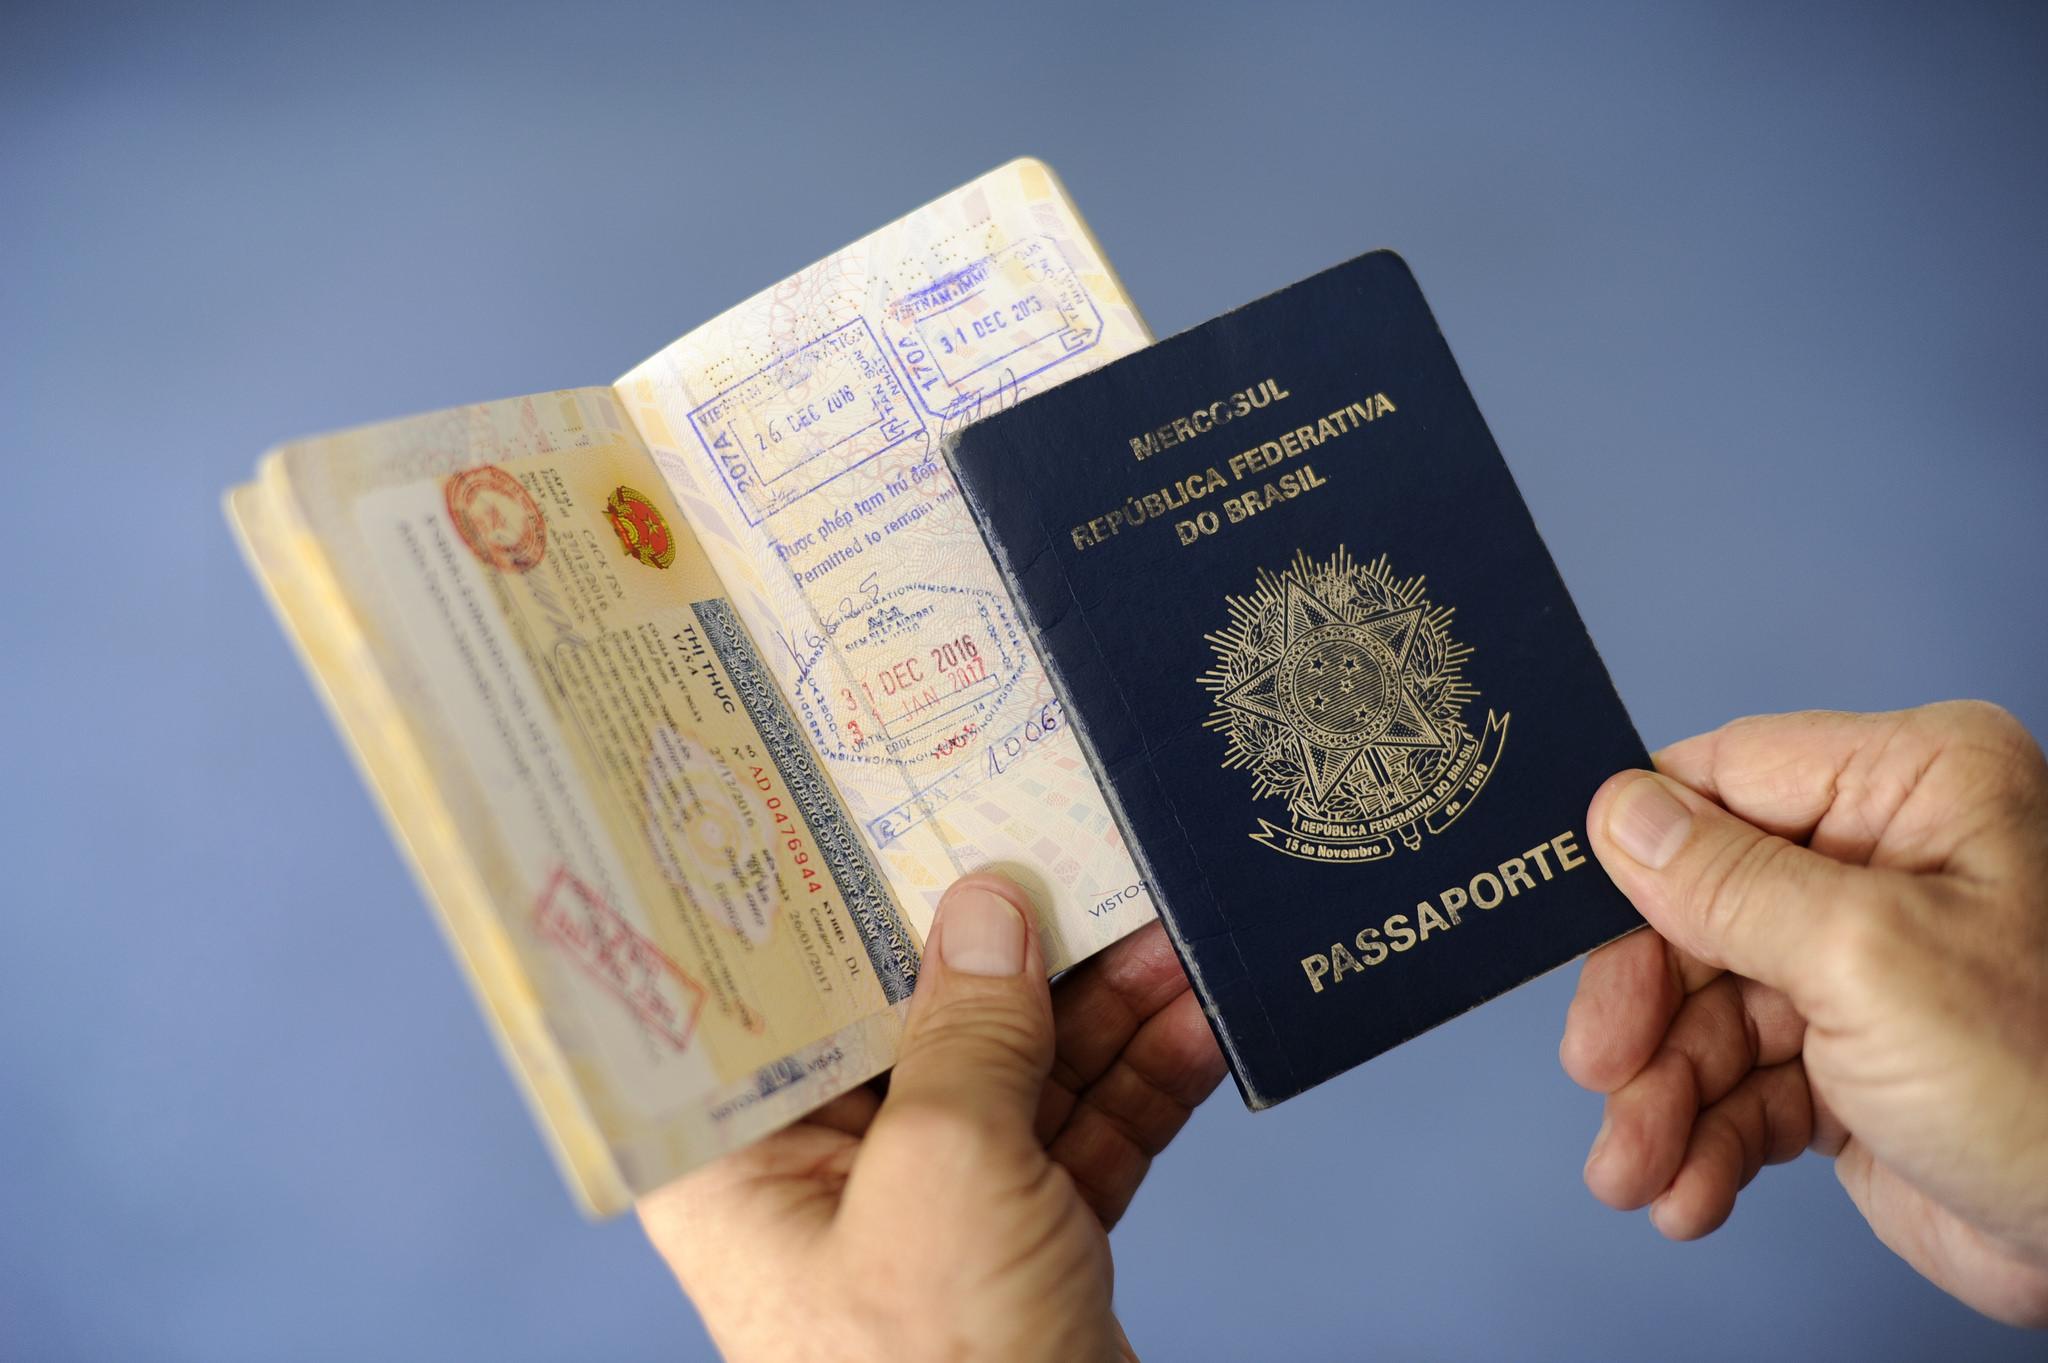 Emissao De Passaporte Tutorial Detalhado Completo Para Solicitar 2019